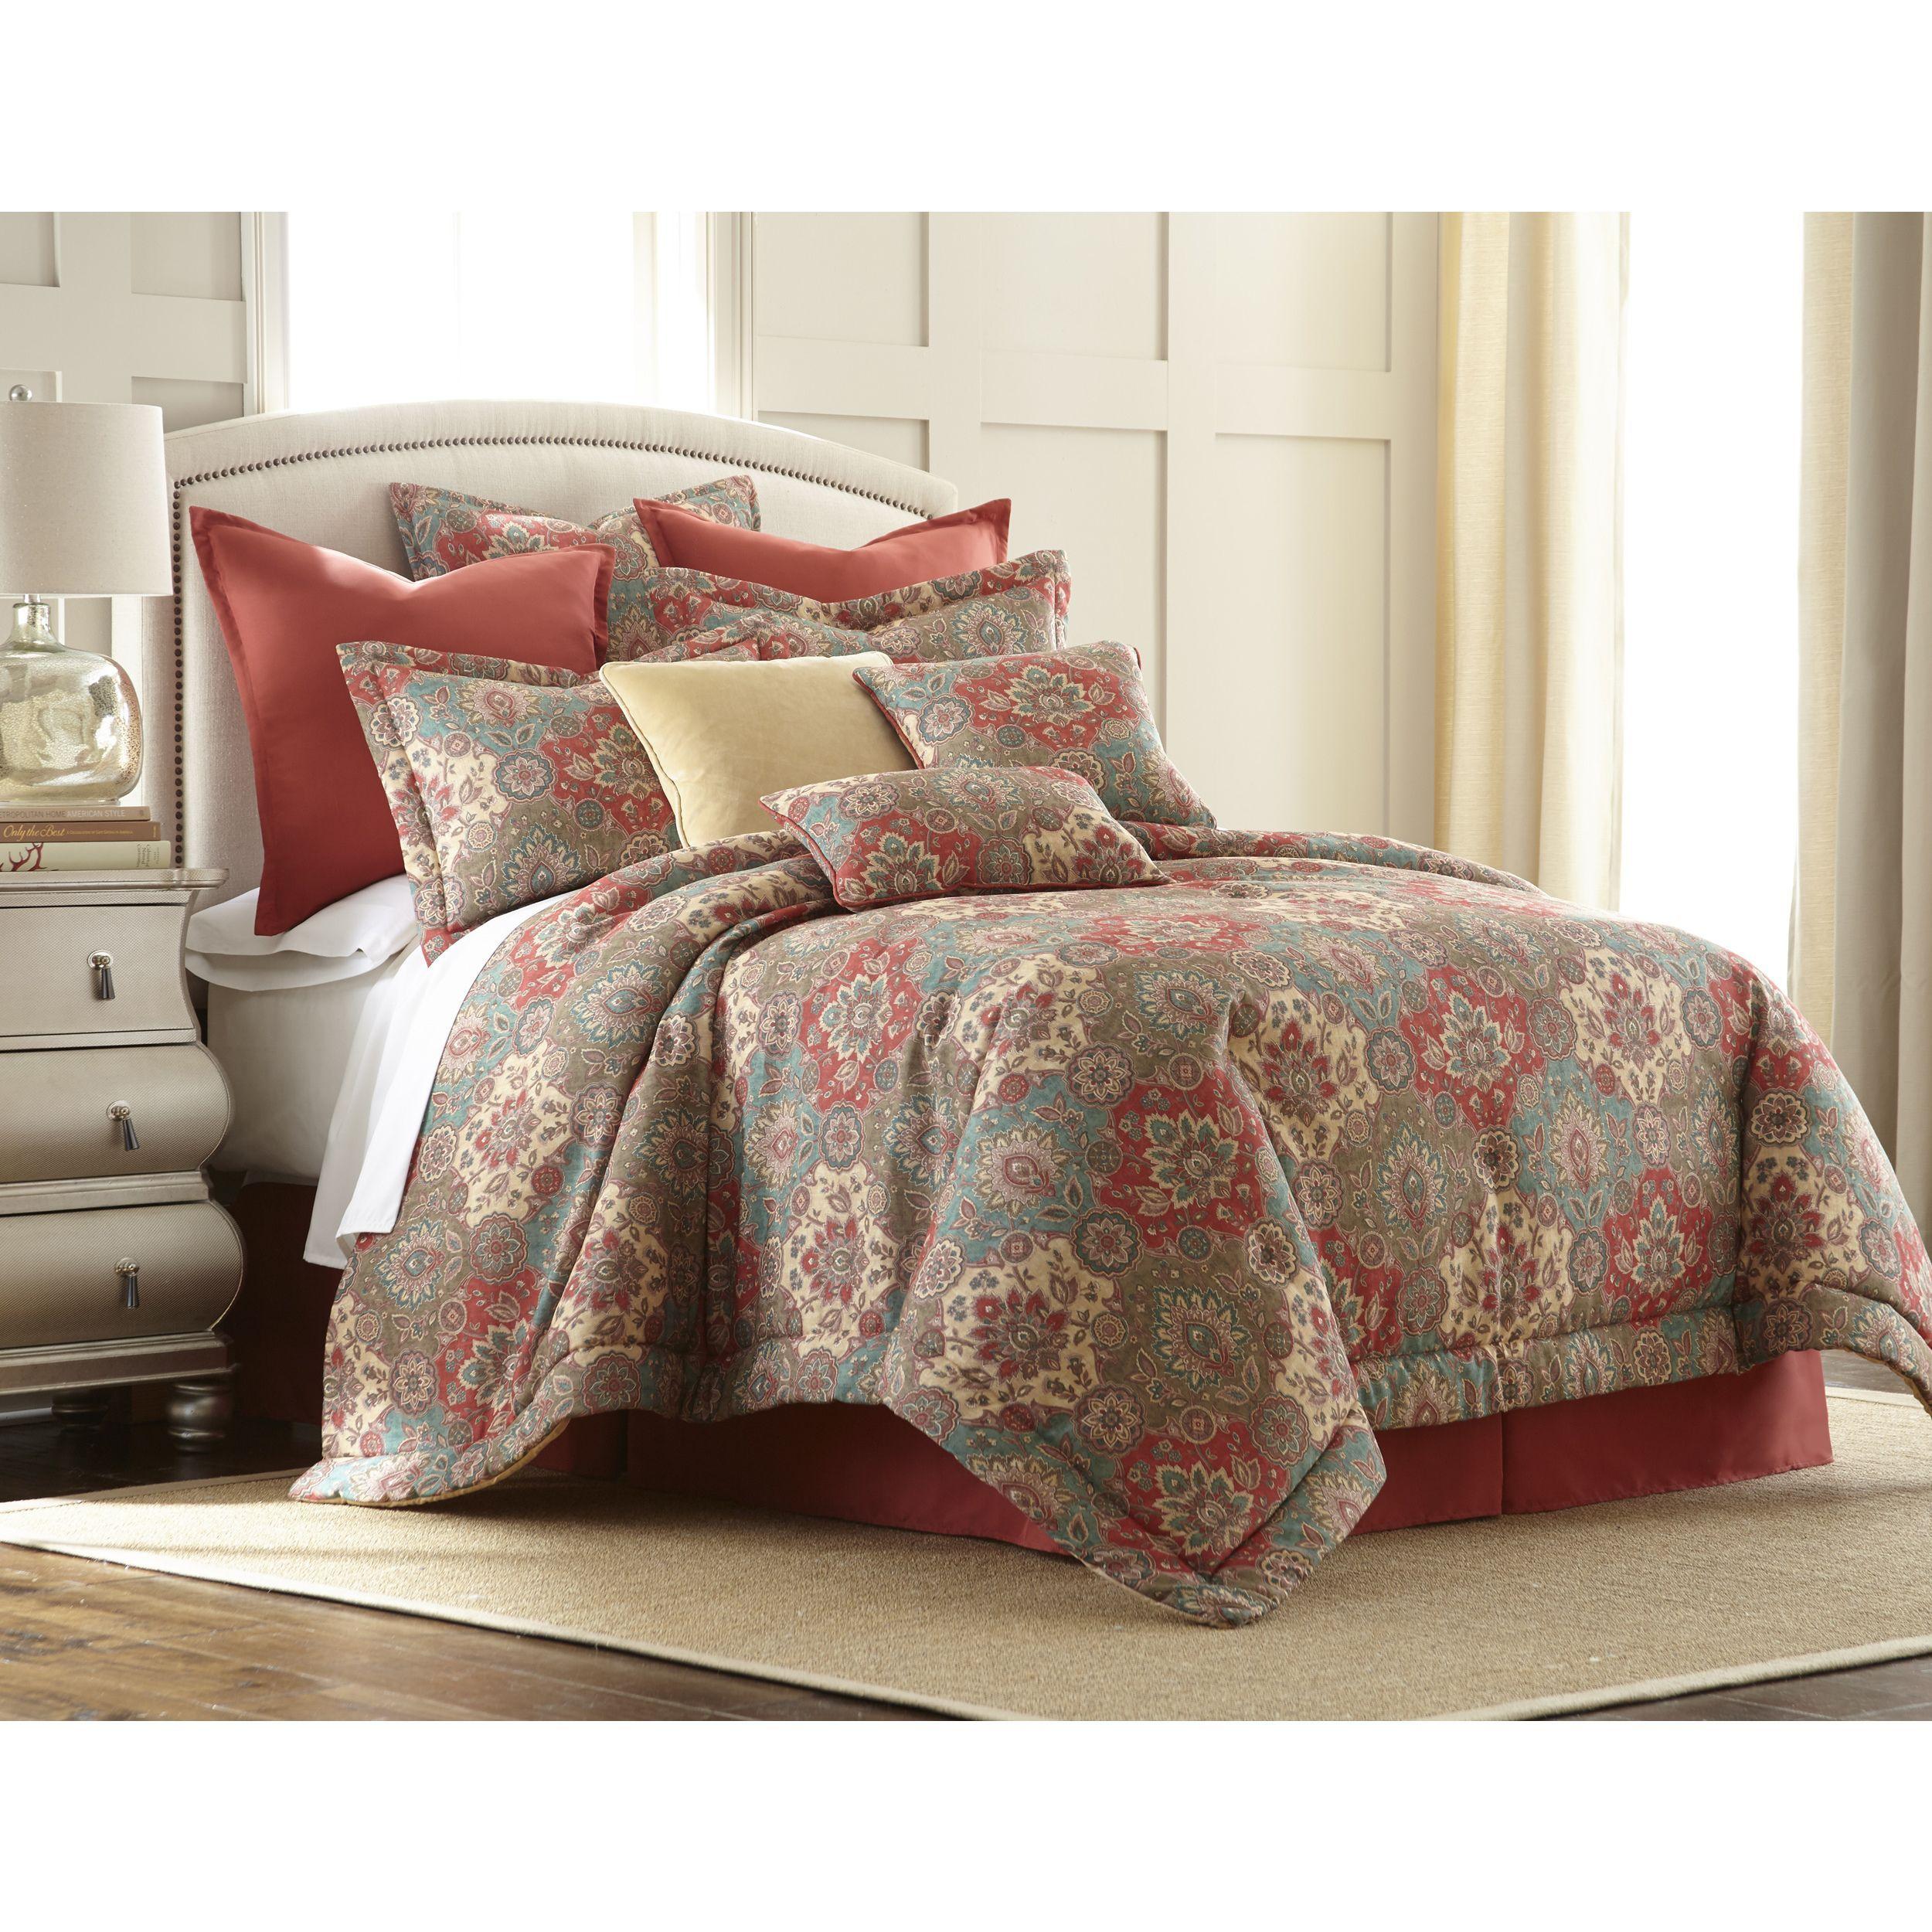 Sherry Kline Aladdin 4-piece Comforter Set (Queen), Red crimson ...